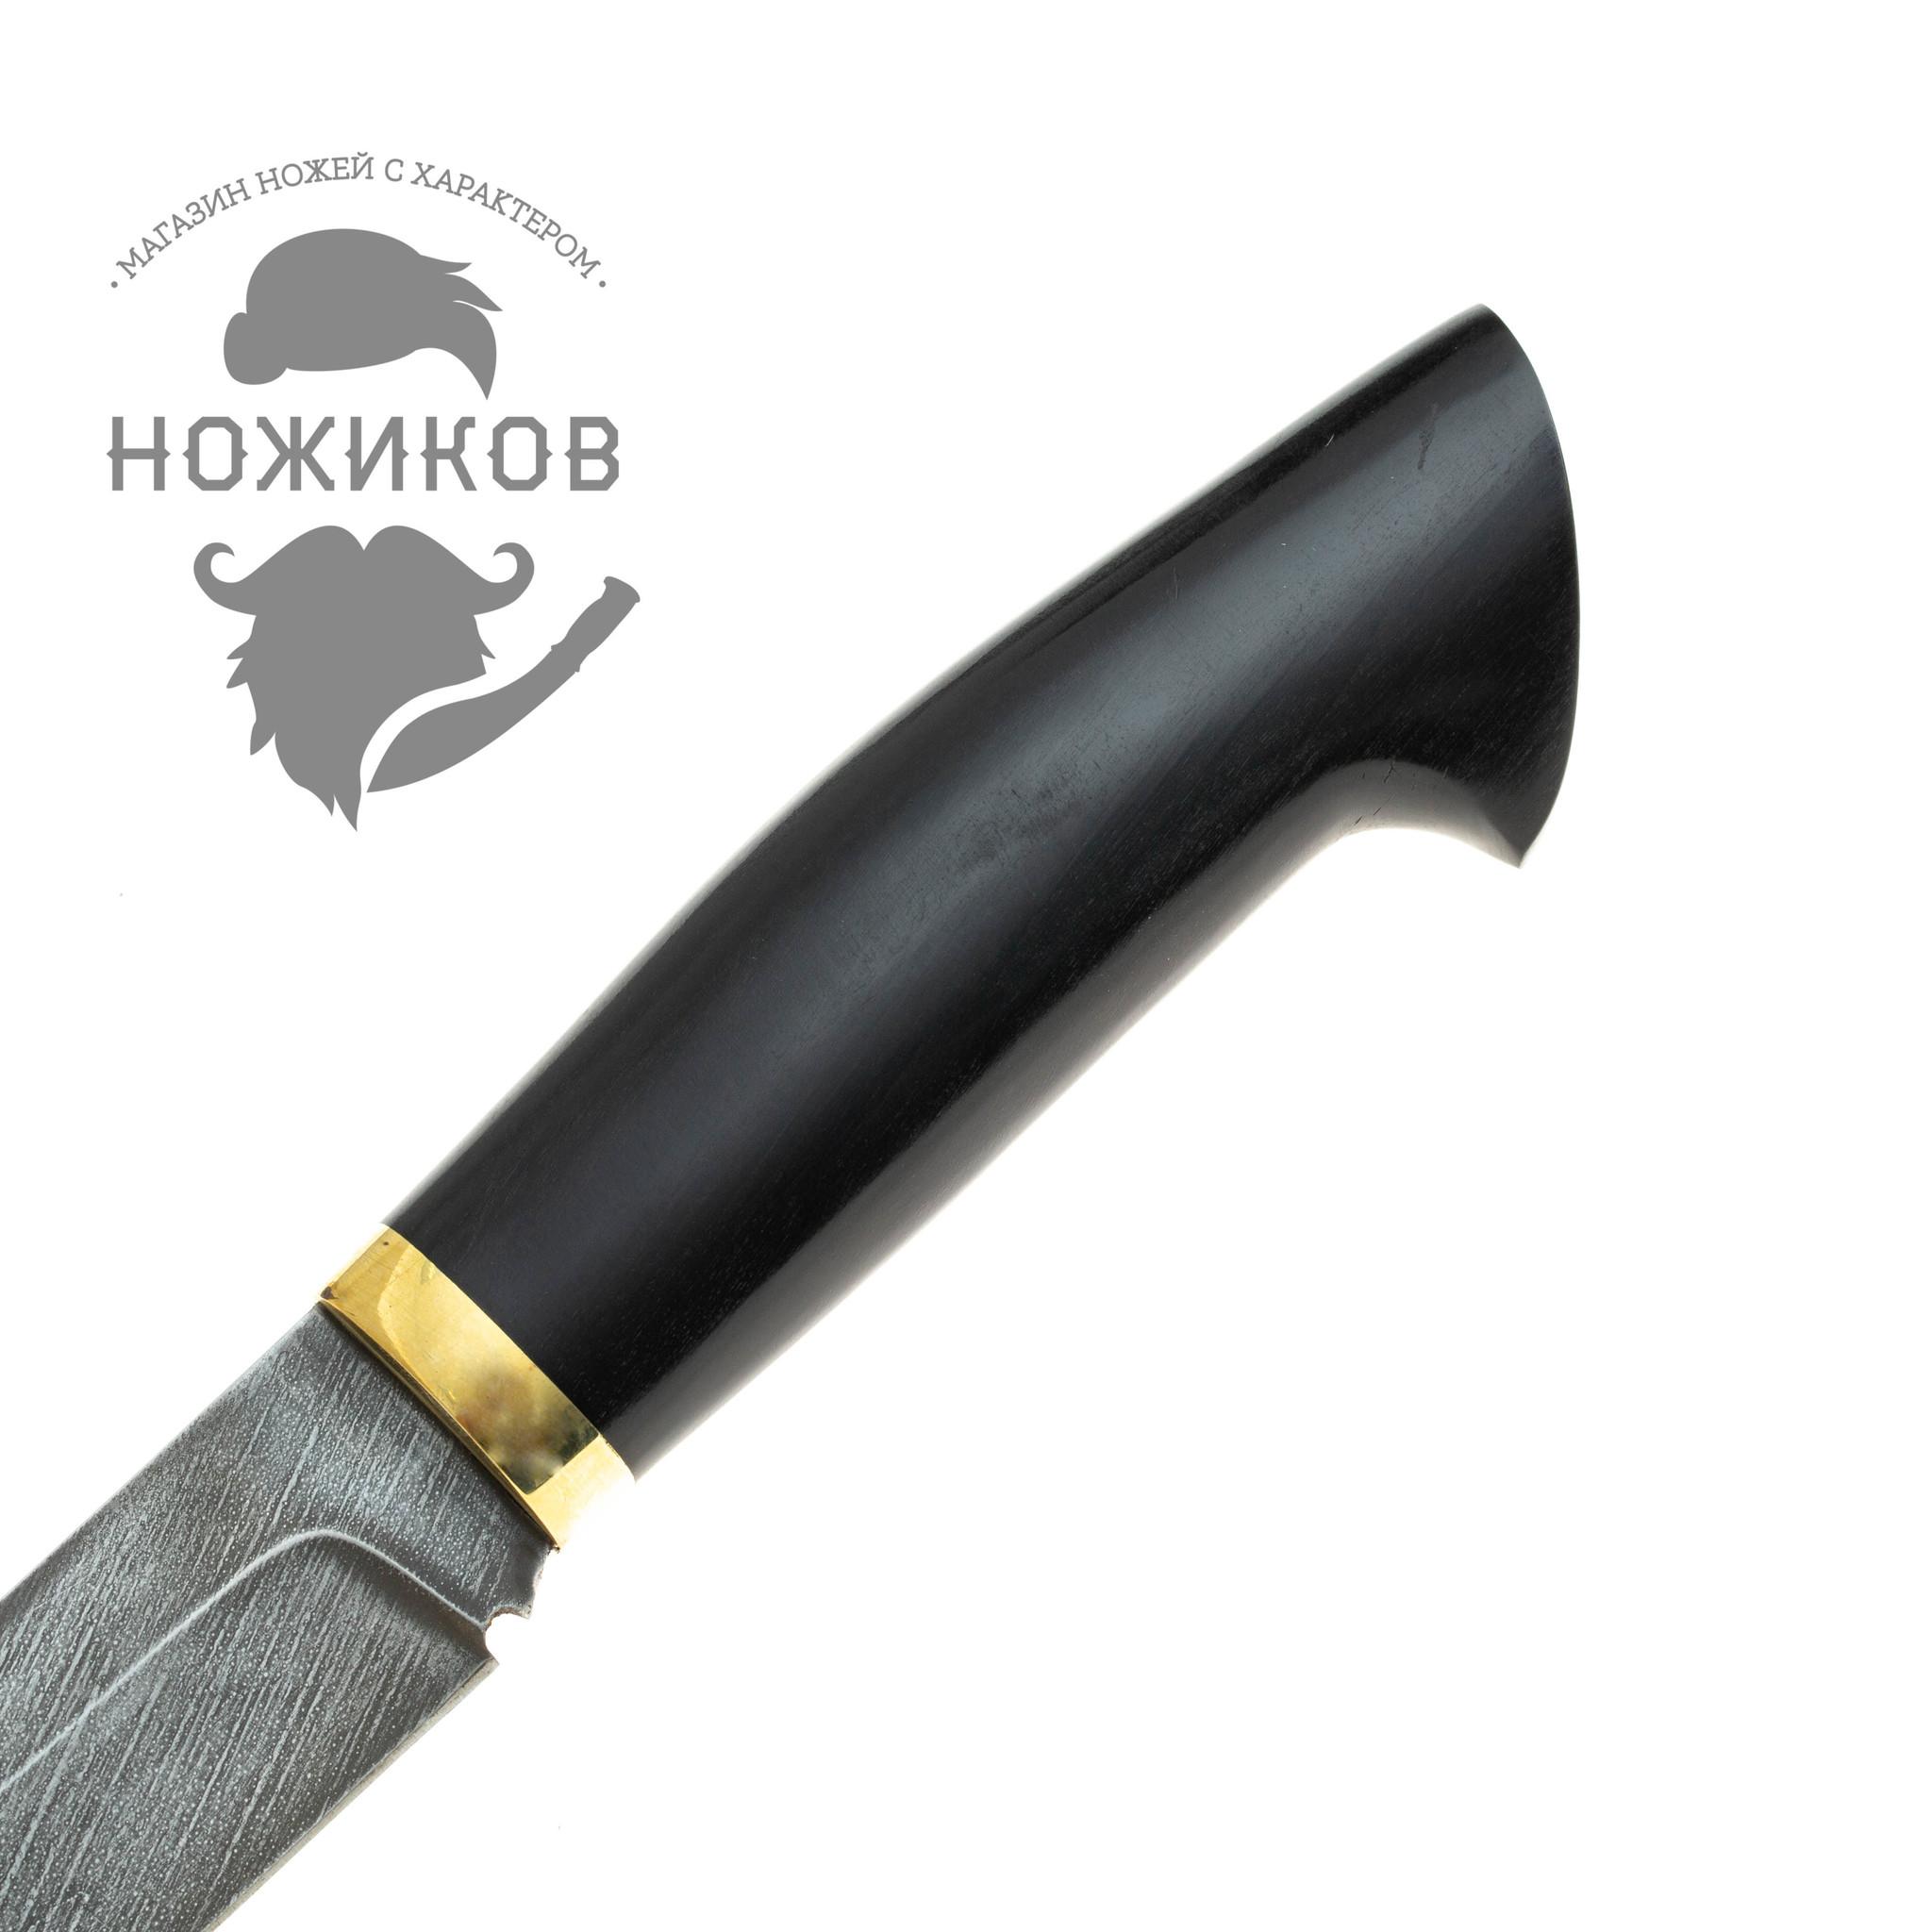 Фото 16 - Нож Лис, дамасская сталь от Промтехснаб